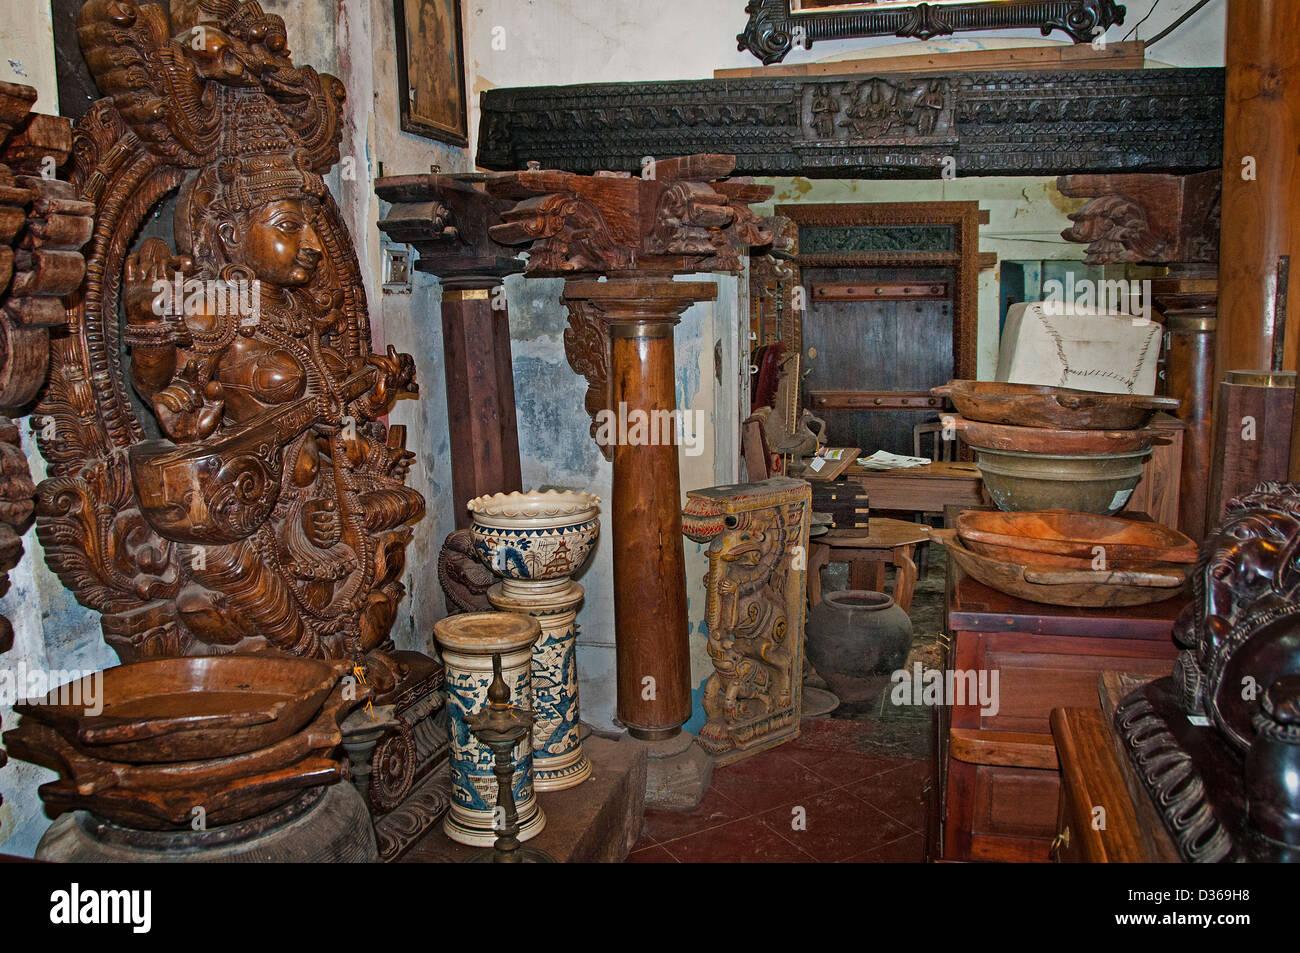 Antique Shop Tavikneswaran Geerhanjaky Puducherry ( Pondicherry ) India  Tamil Nadu - Antique Shop Tavikneswaran Geerhanjaky Puducherry ( Pondicherry